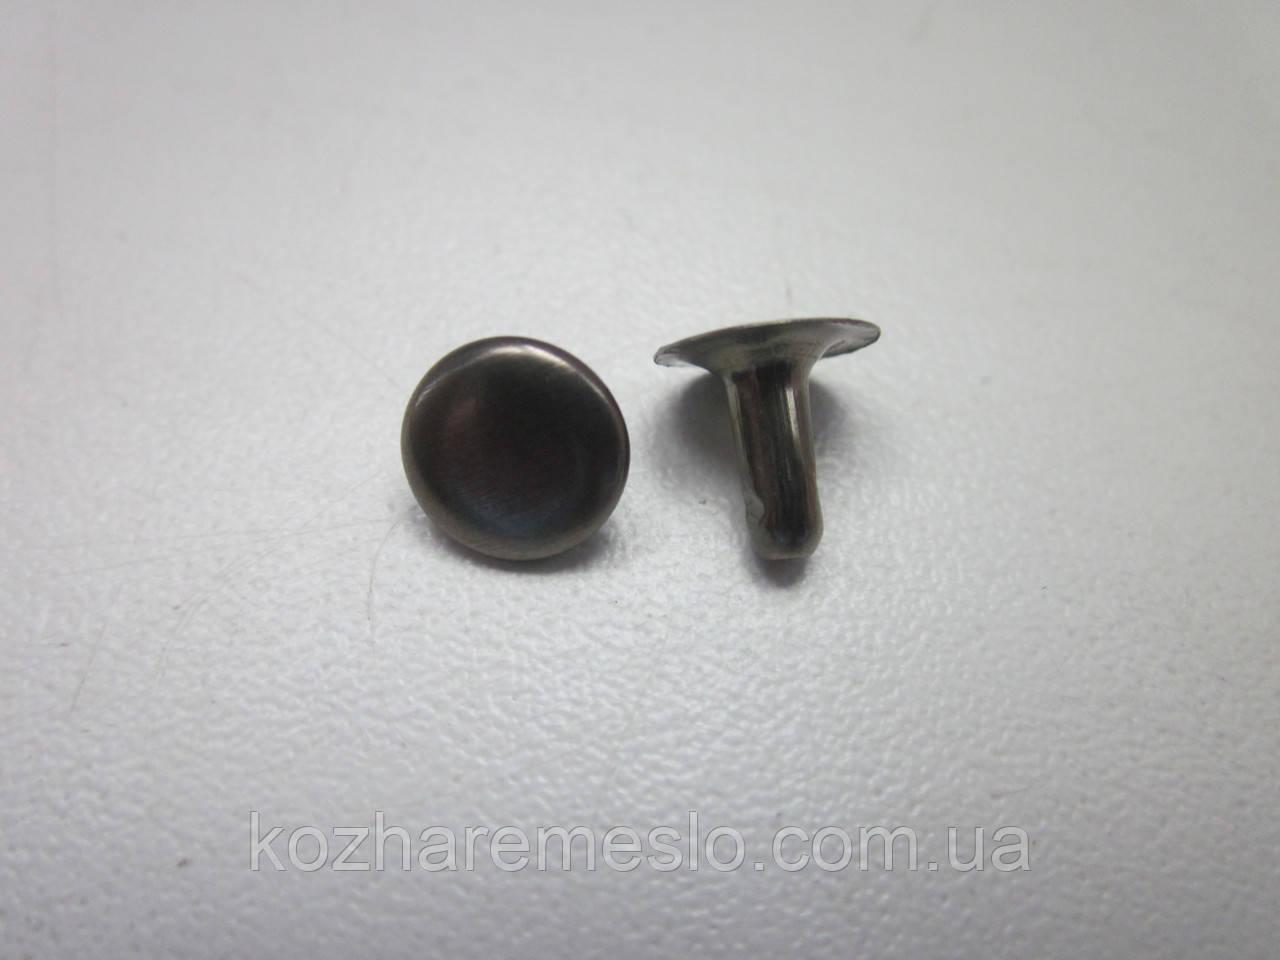 Хольнитен (заклёпка) односторонний 7 х 7 х 7 мм тёмный никель